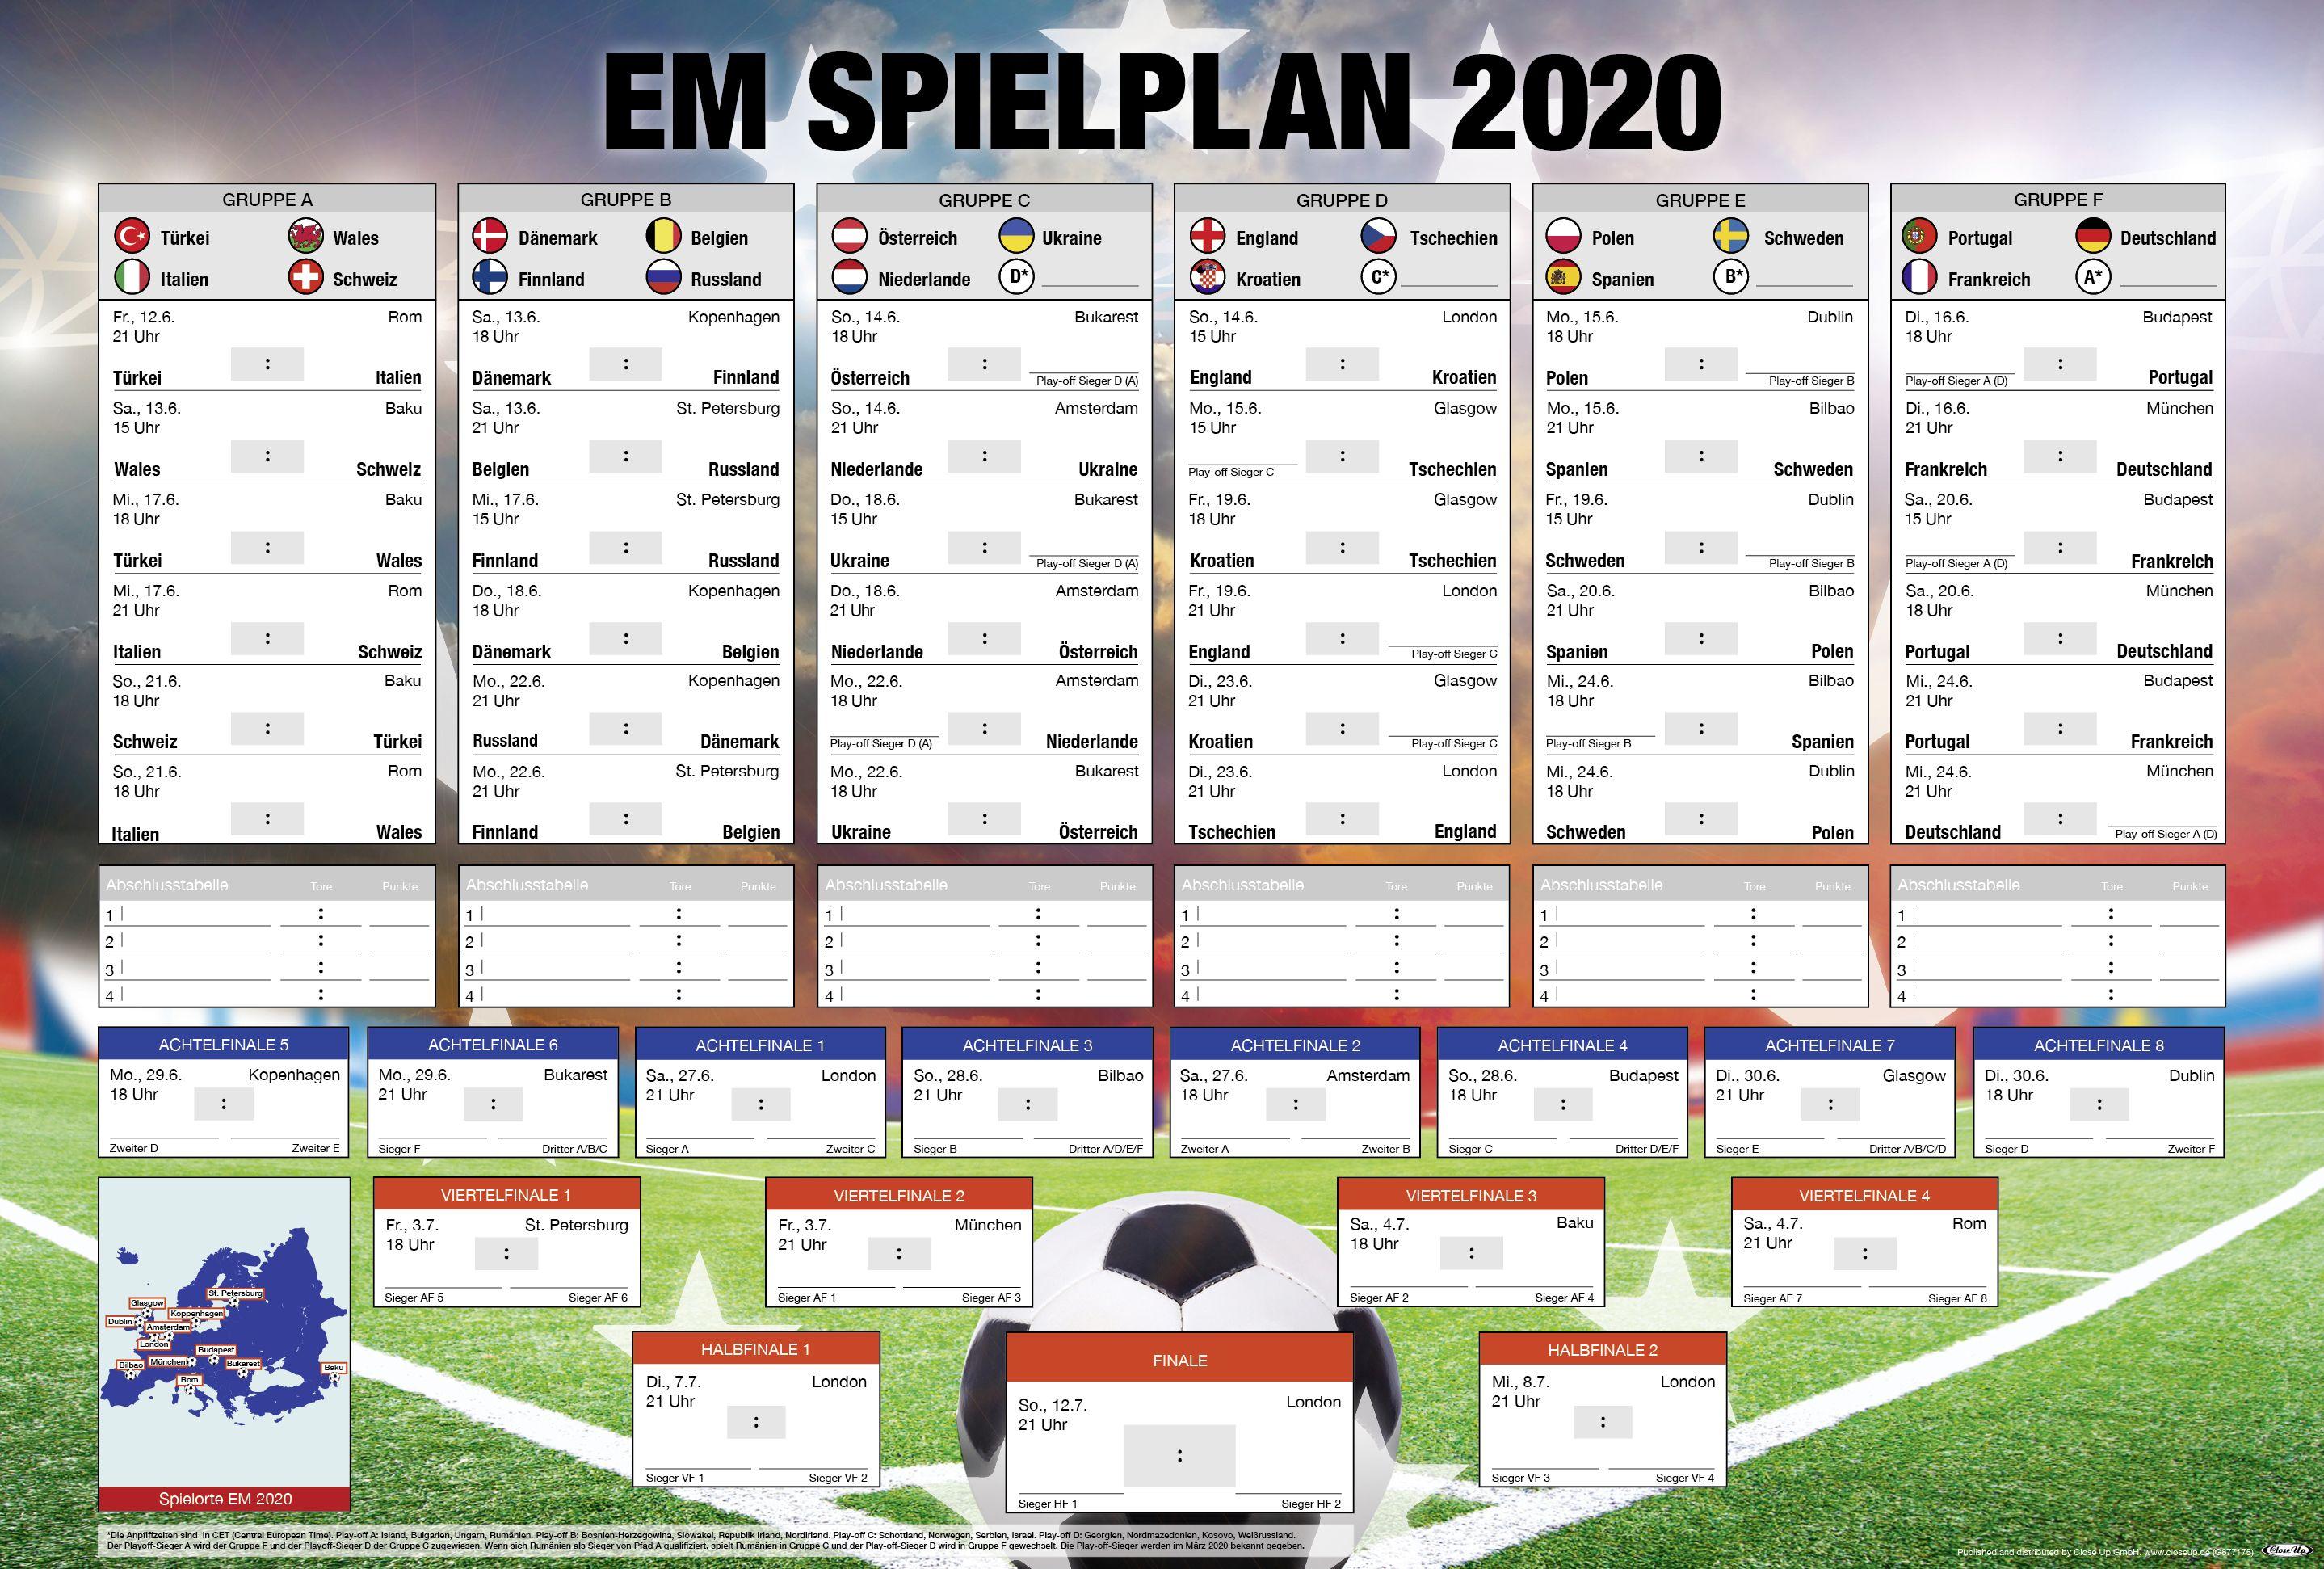 Deutscher Em Spielplan